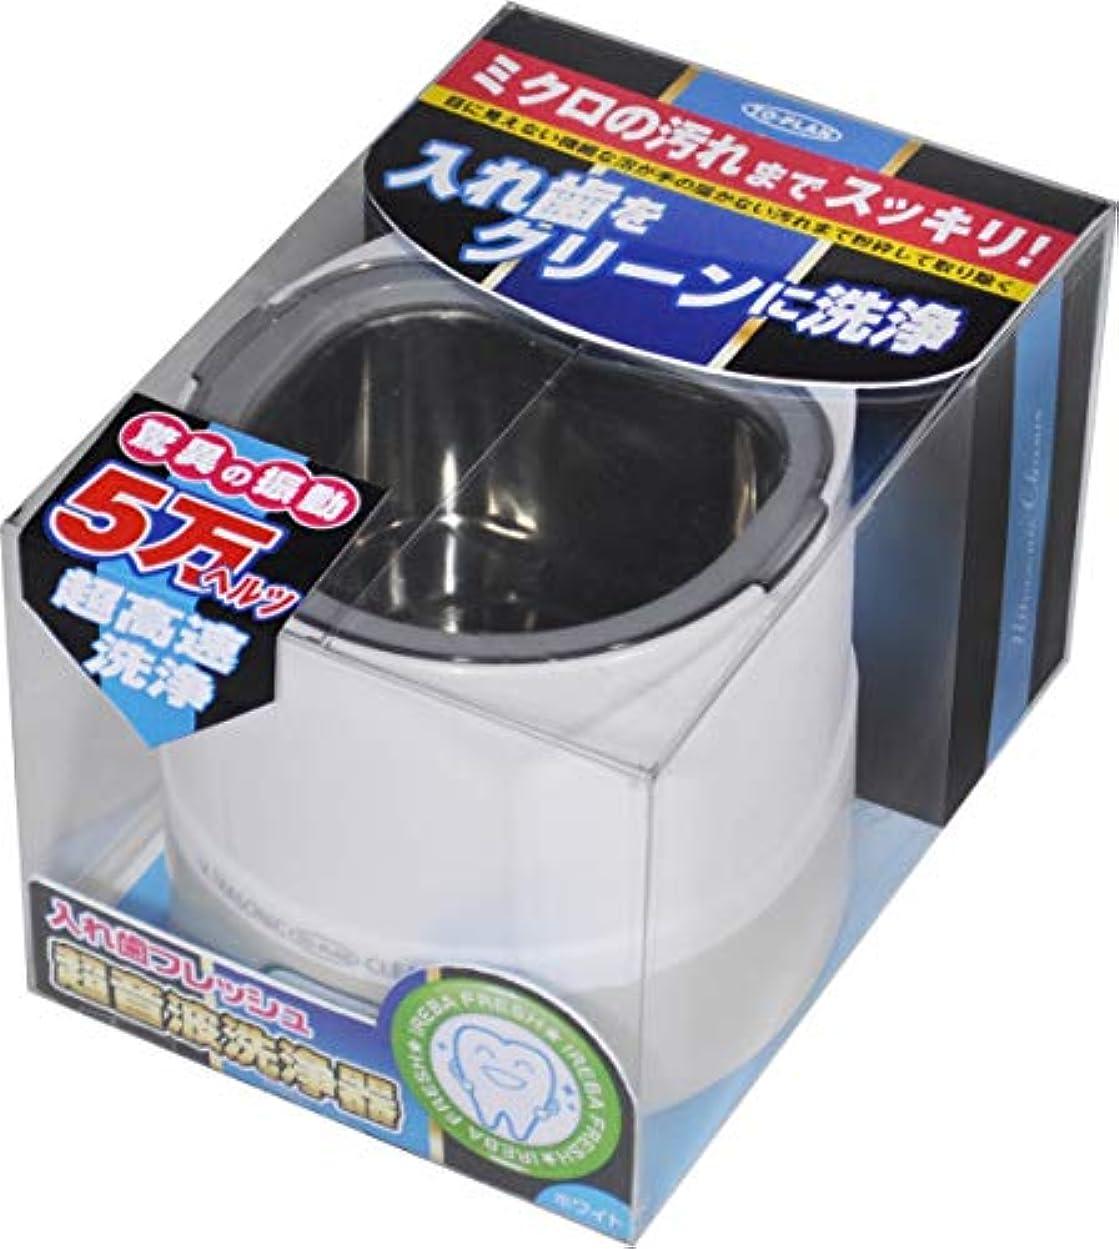 アトミックためらうオーバーランTO-PLAN(トプラン) 超音波入れ歯洗浄器 TKSM-008(W)